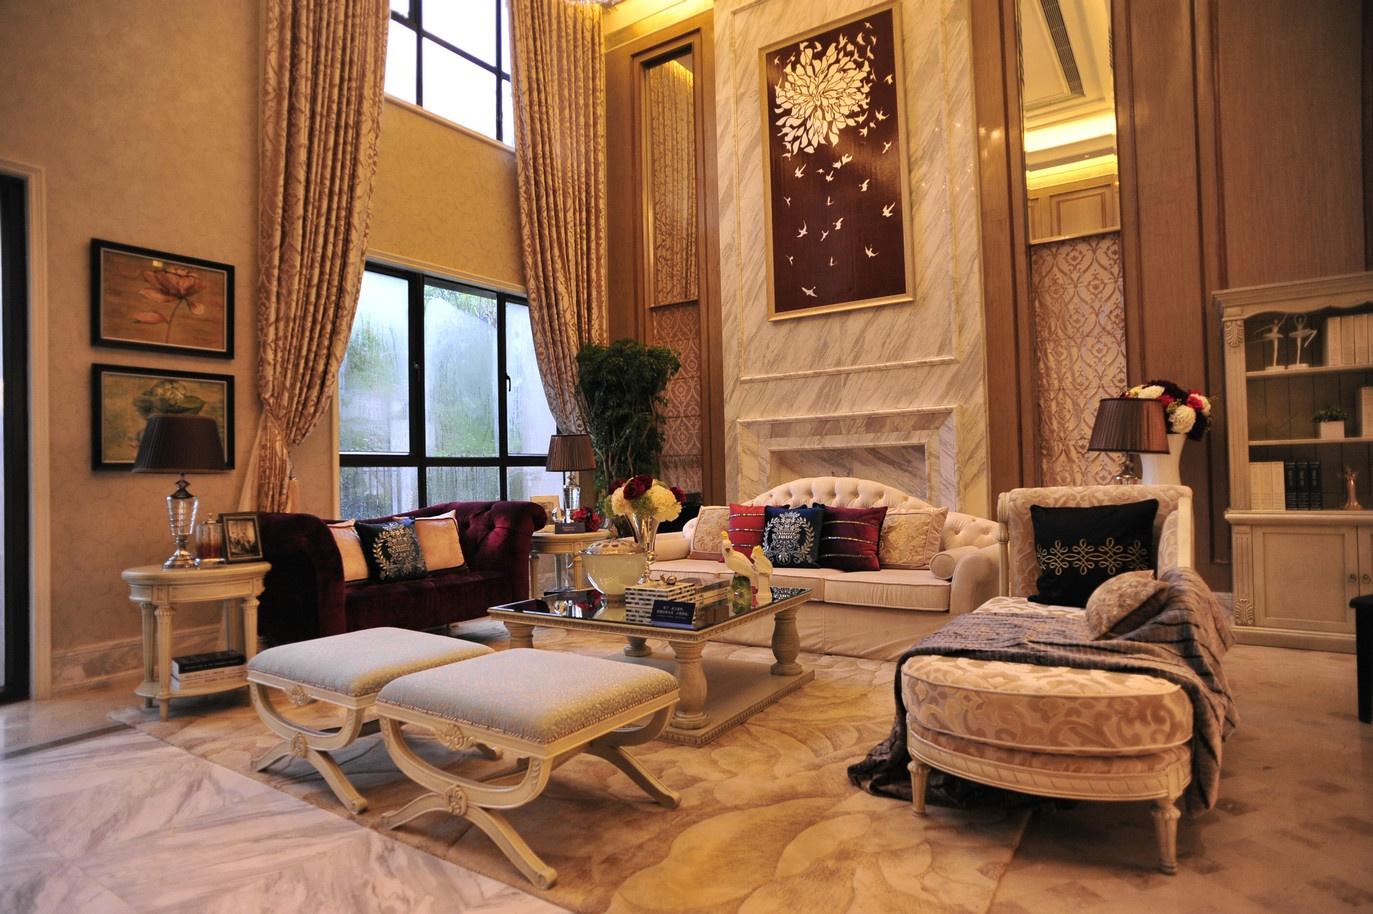 欧式豪华别墅客厅装修图片装修效果图